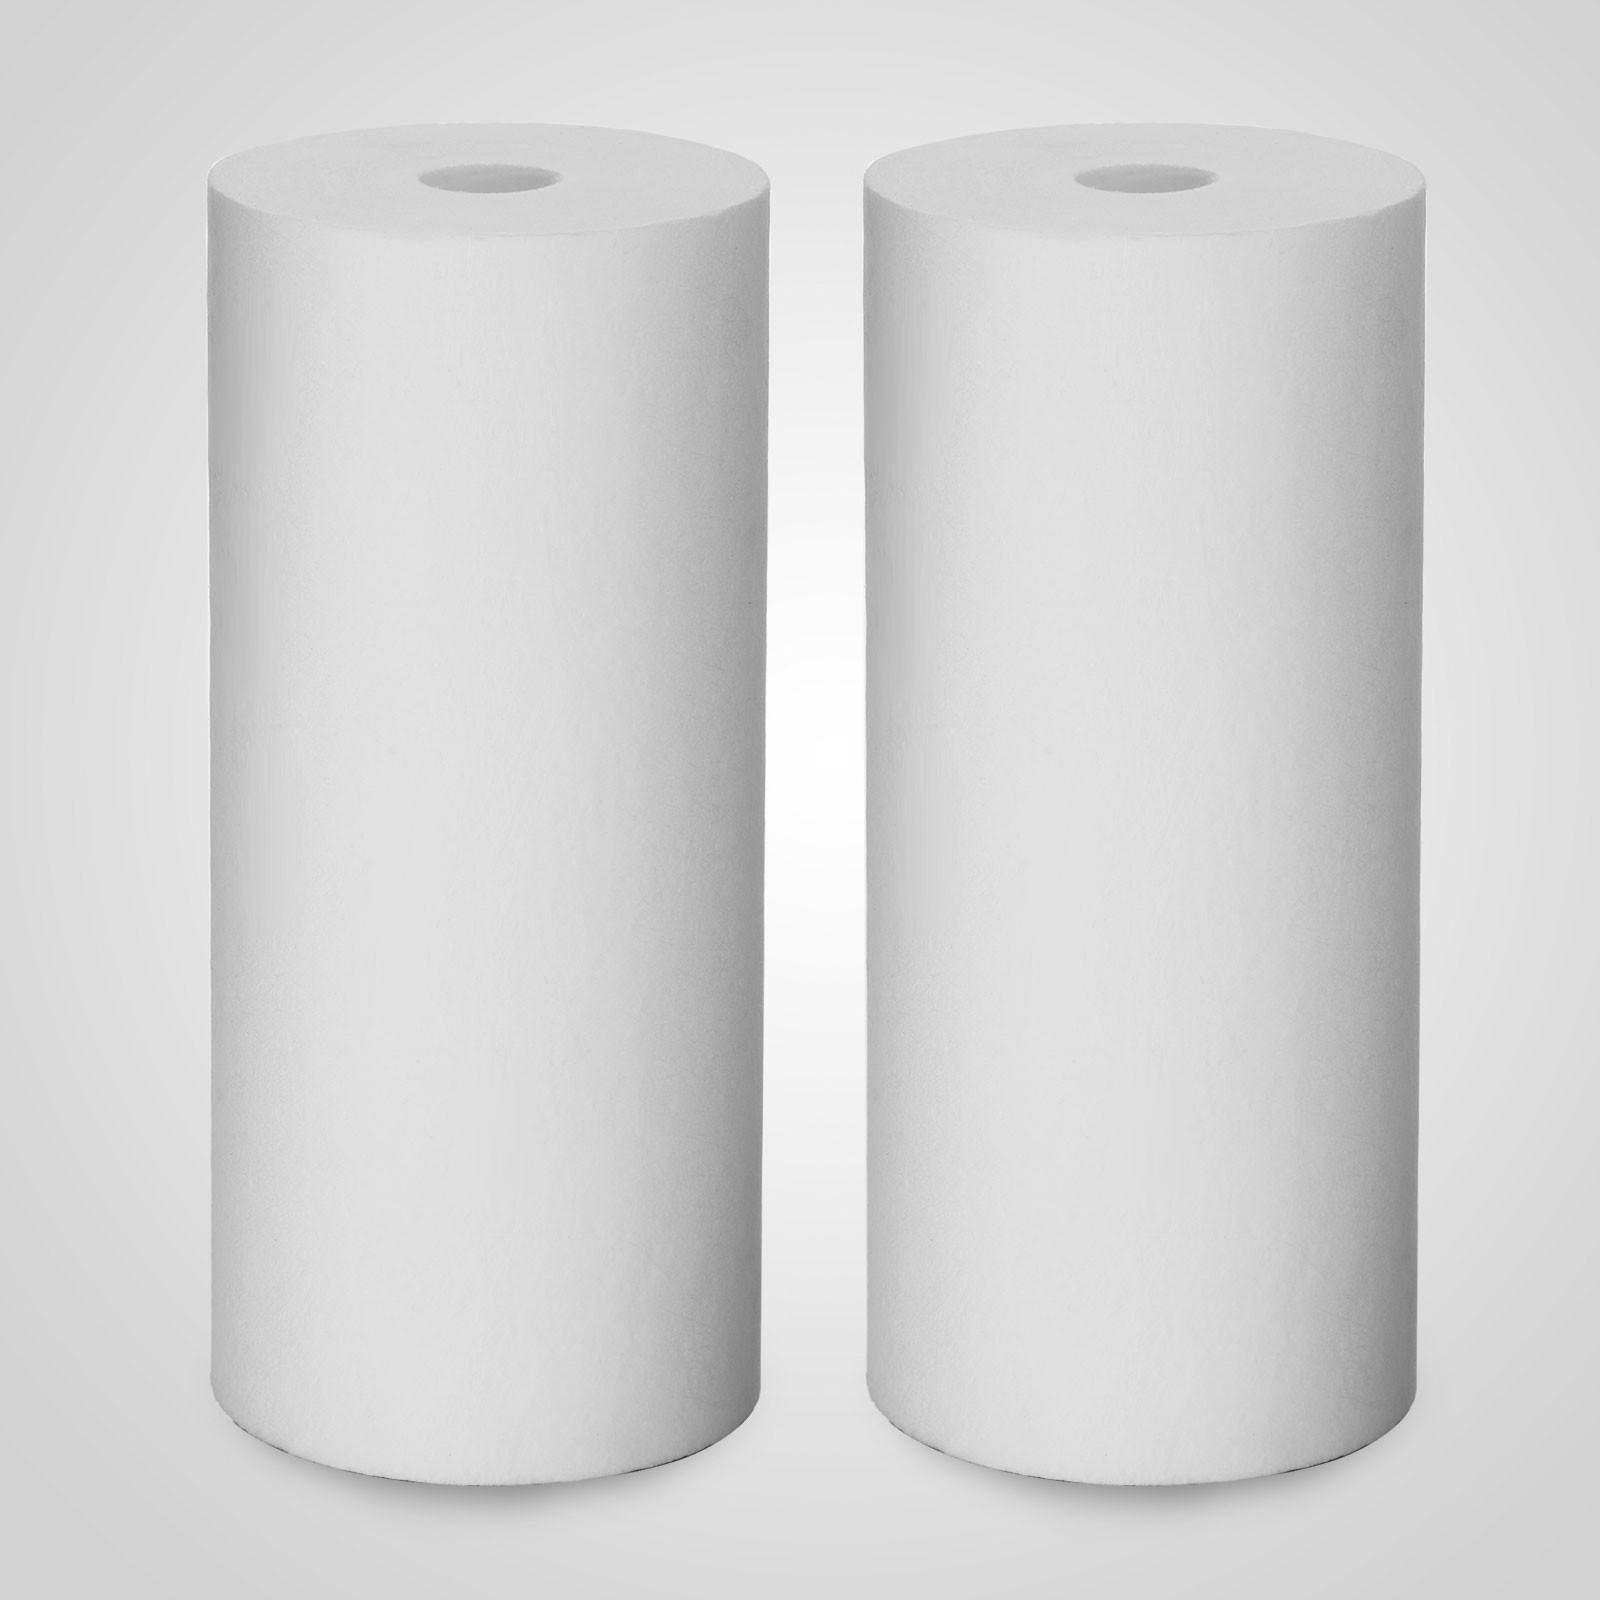 20Pcs-Cartouche-Filtrante-5-Micron-10-034-X-4-5-034-Contre-Sediments-Particules miniature 11